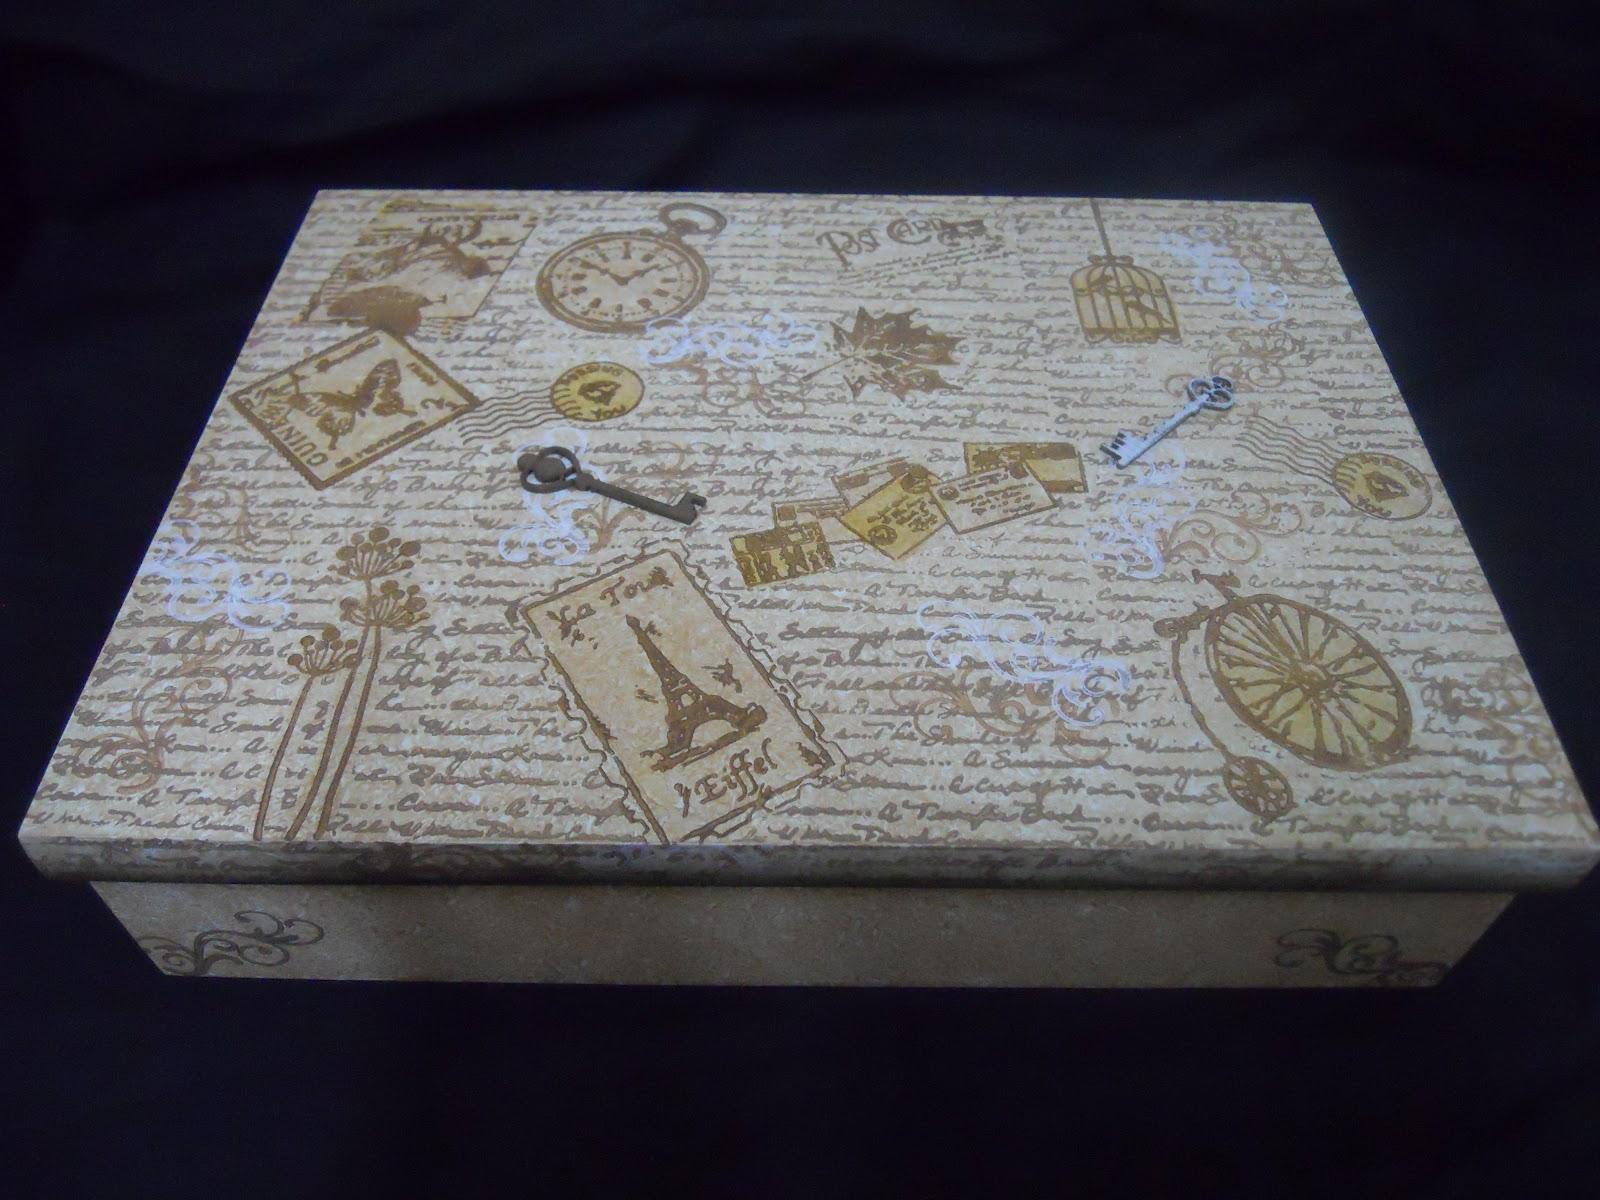 Cursos de Artesanato em Madeira Pintura Country: Caixa de documentos #15131C 1600x1200